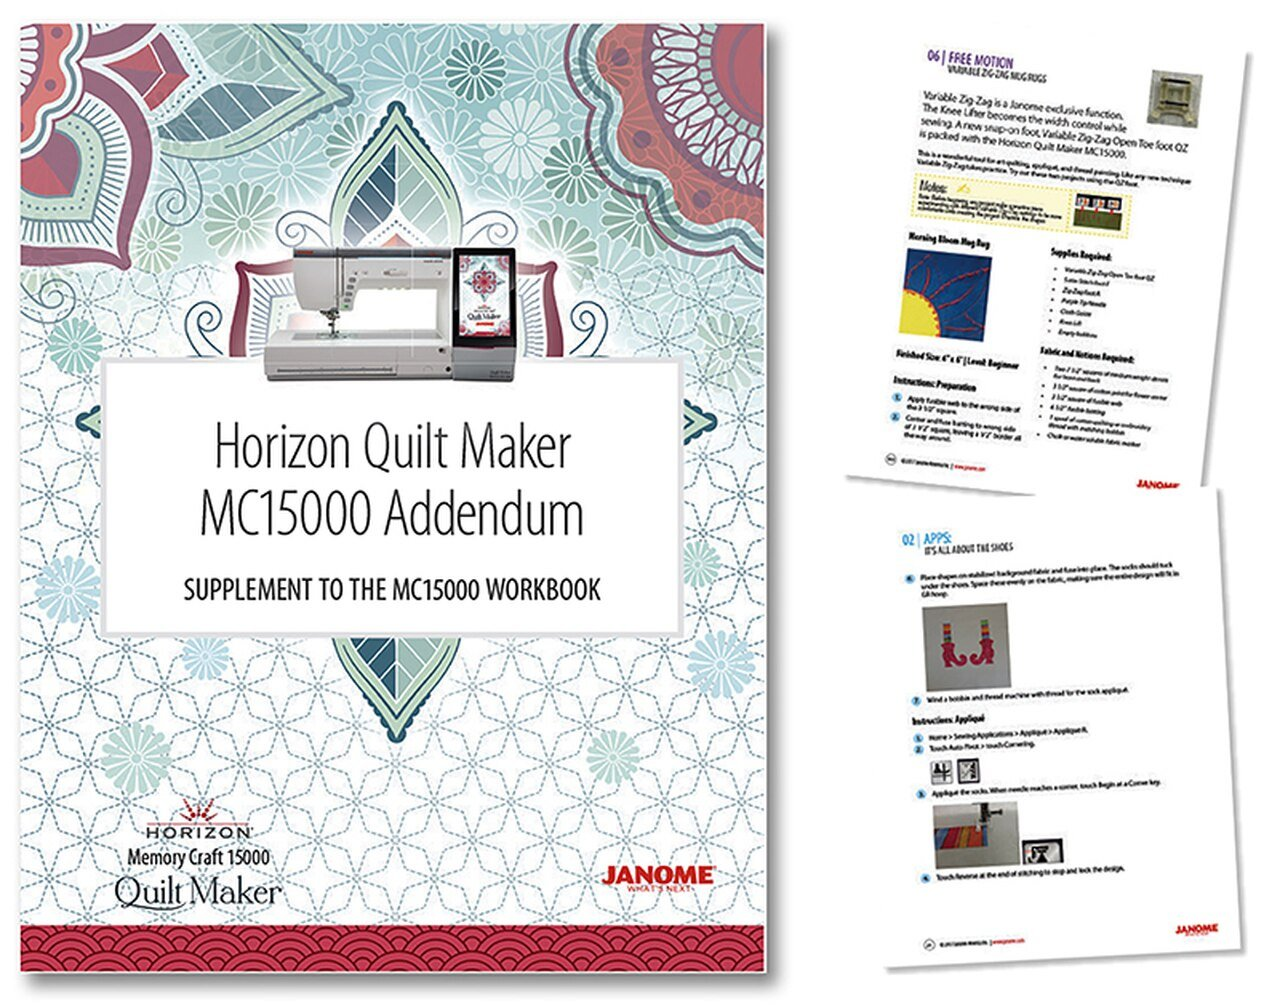 MC 15000 Workbook with addendum Quiltmaker Pro